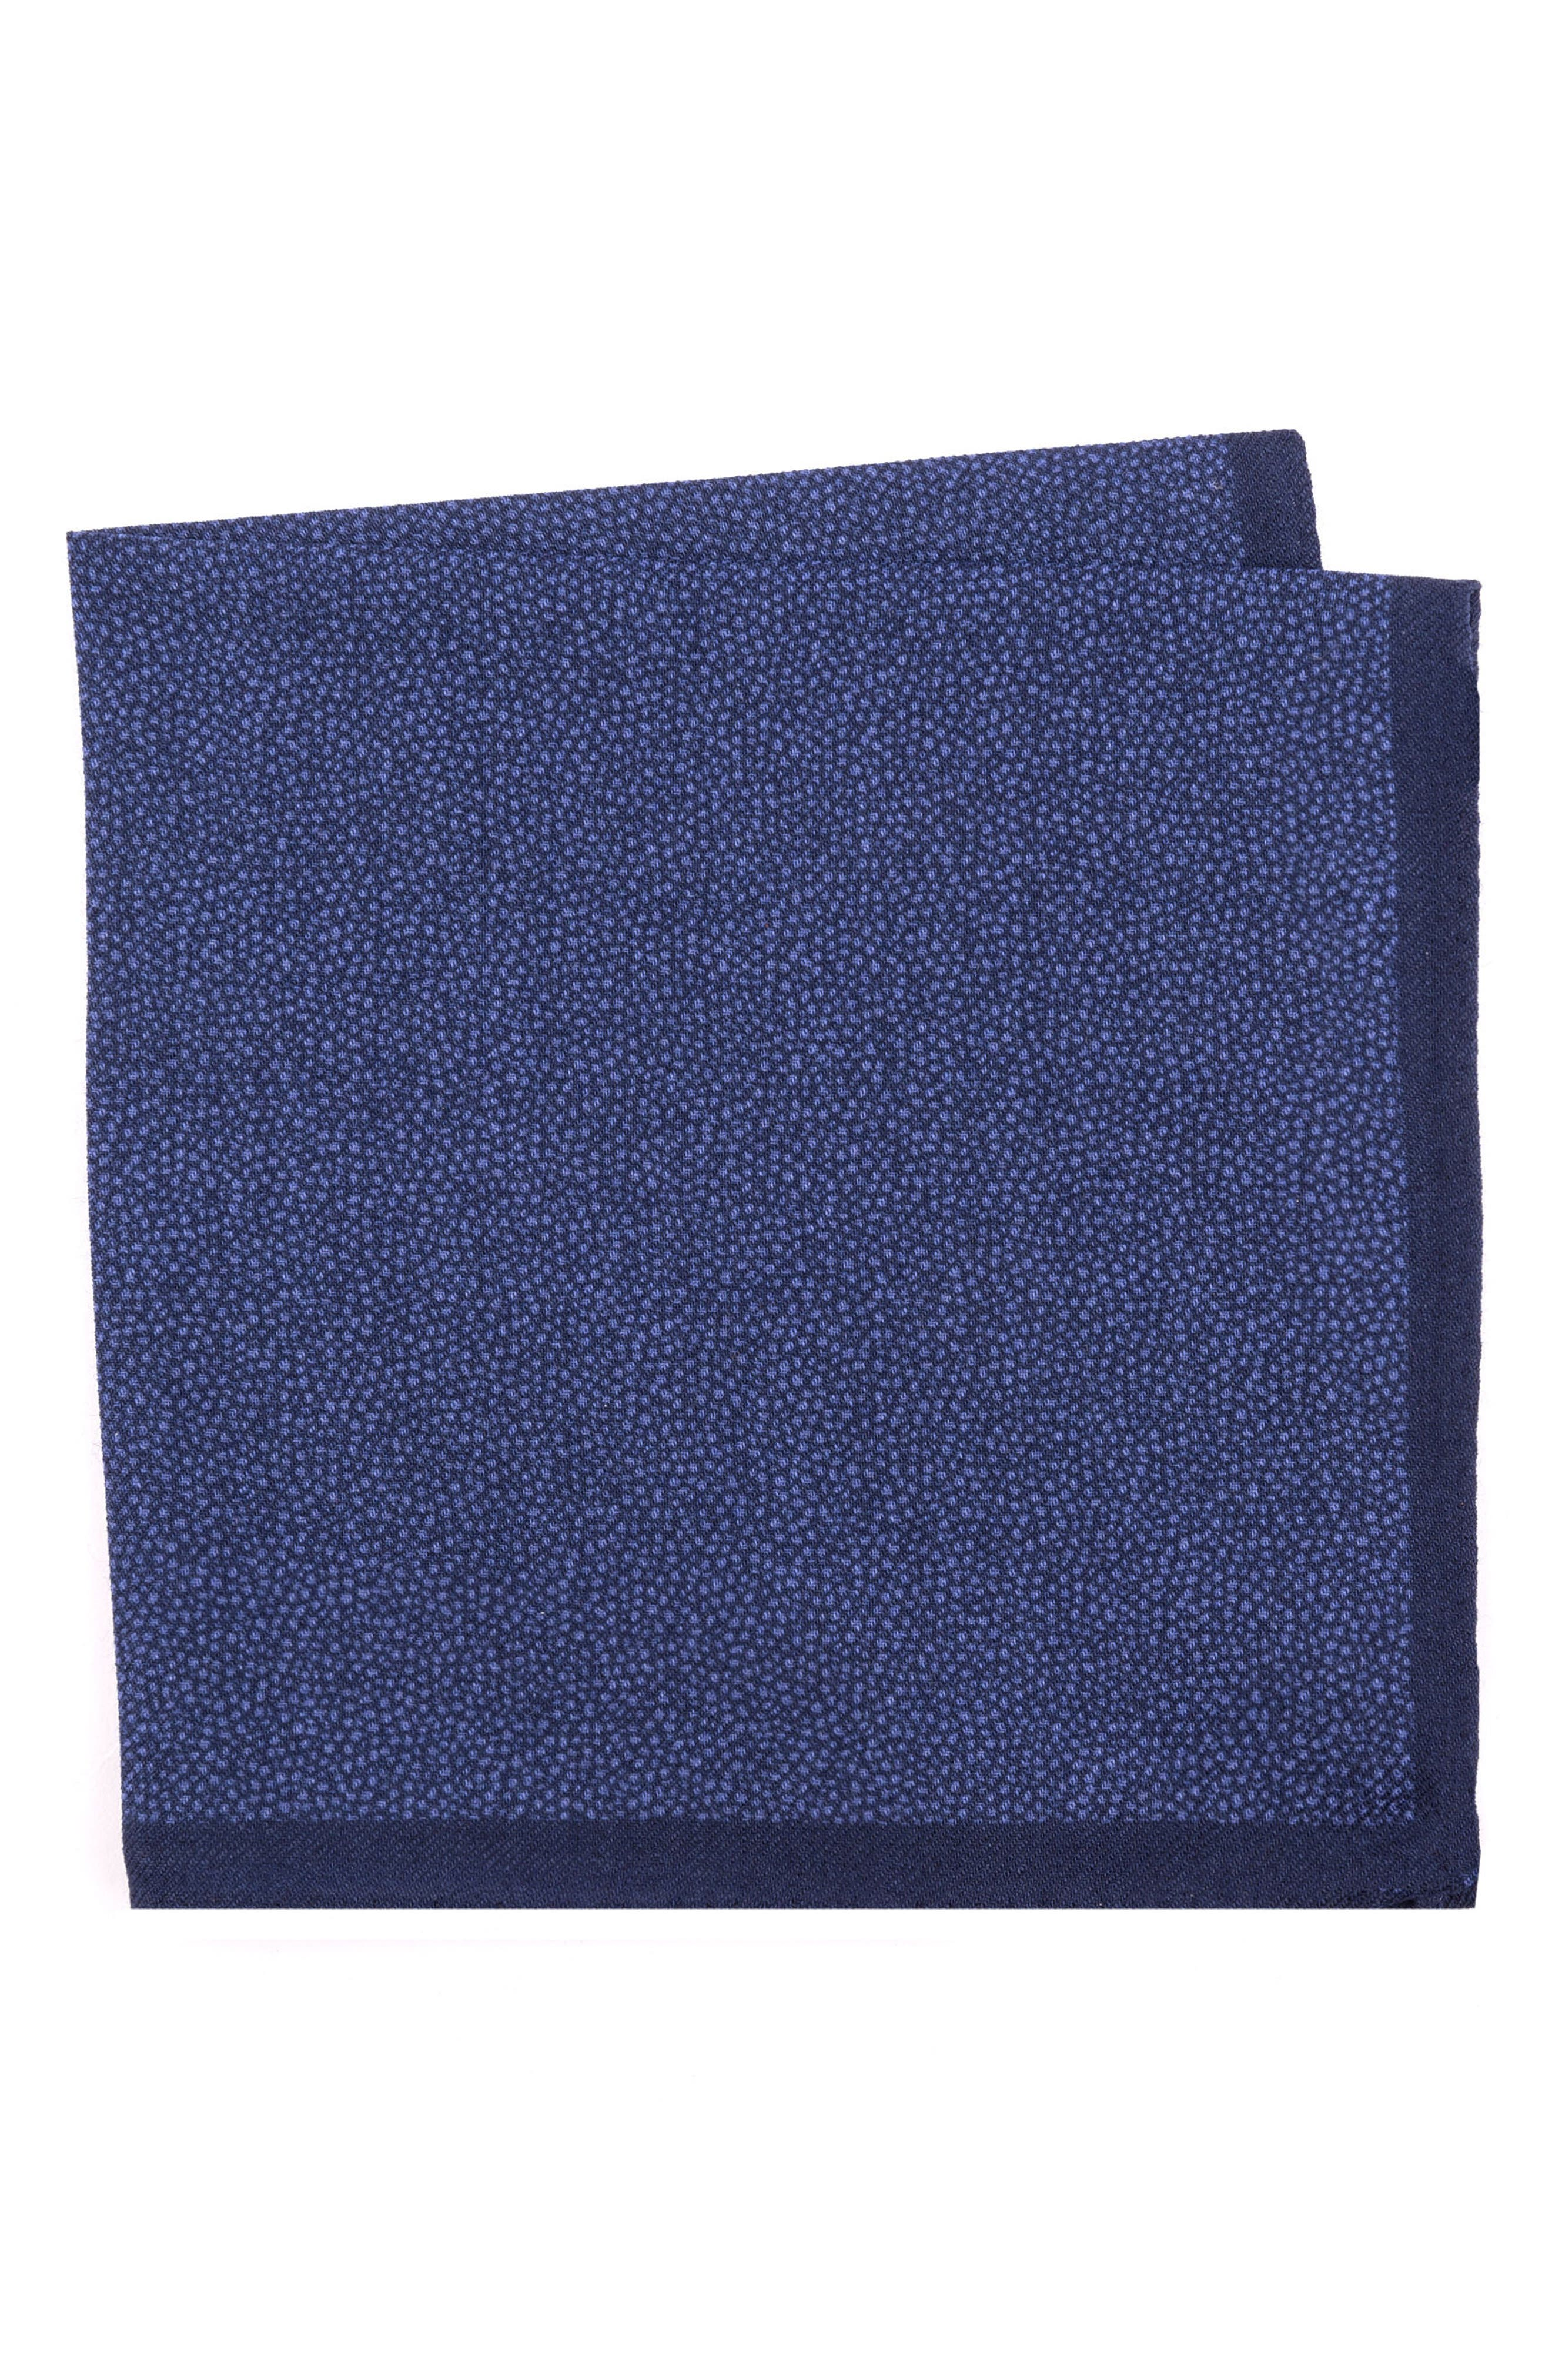 Dot Wool Pocket Square,                             Main thumbnail 1, color,                             400